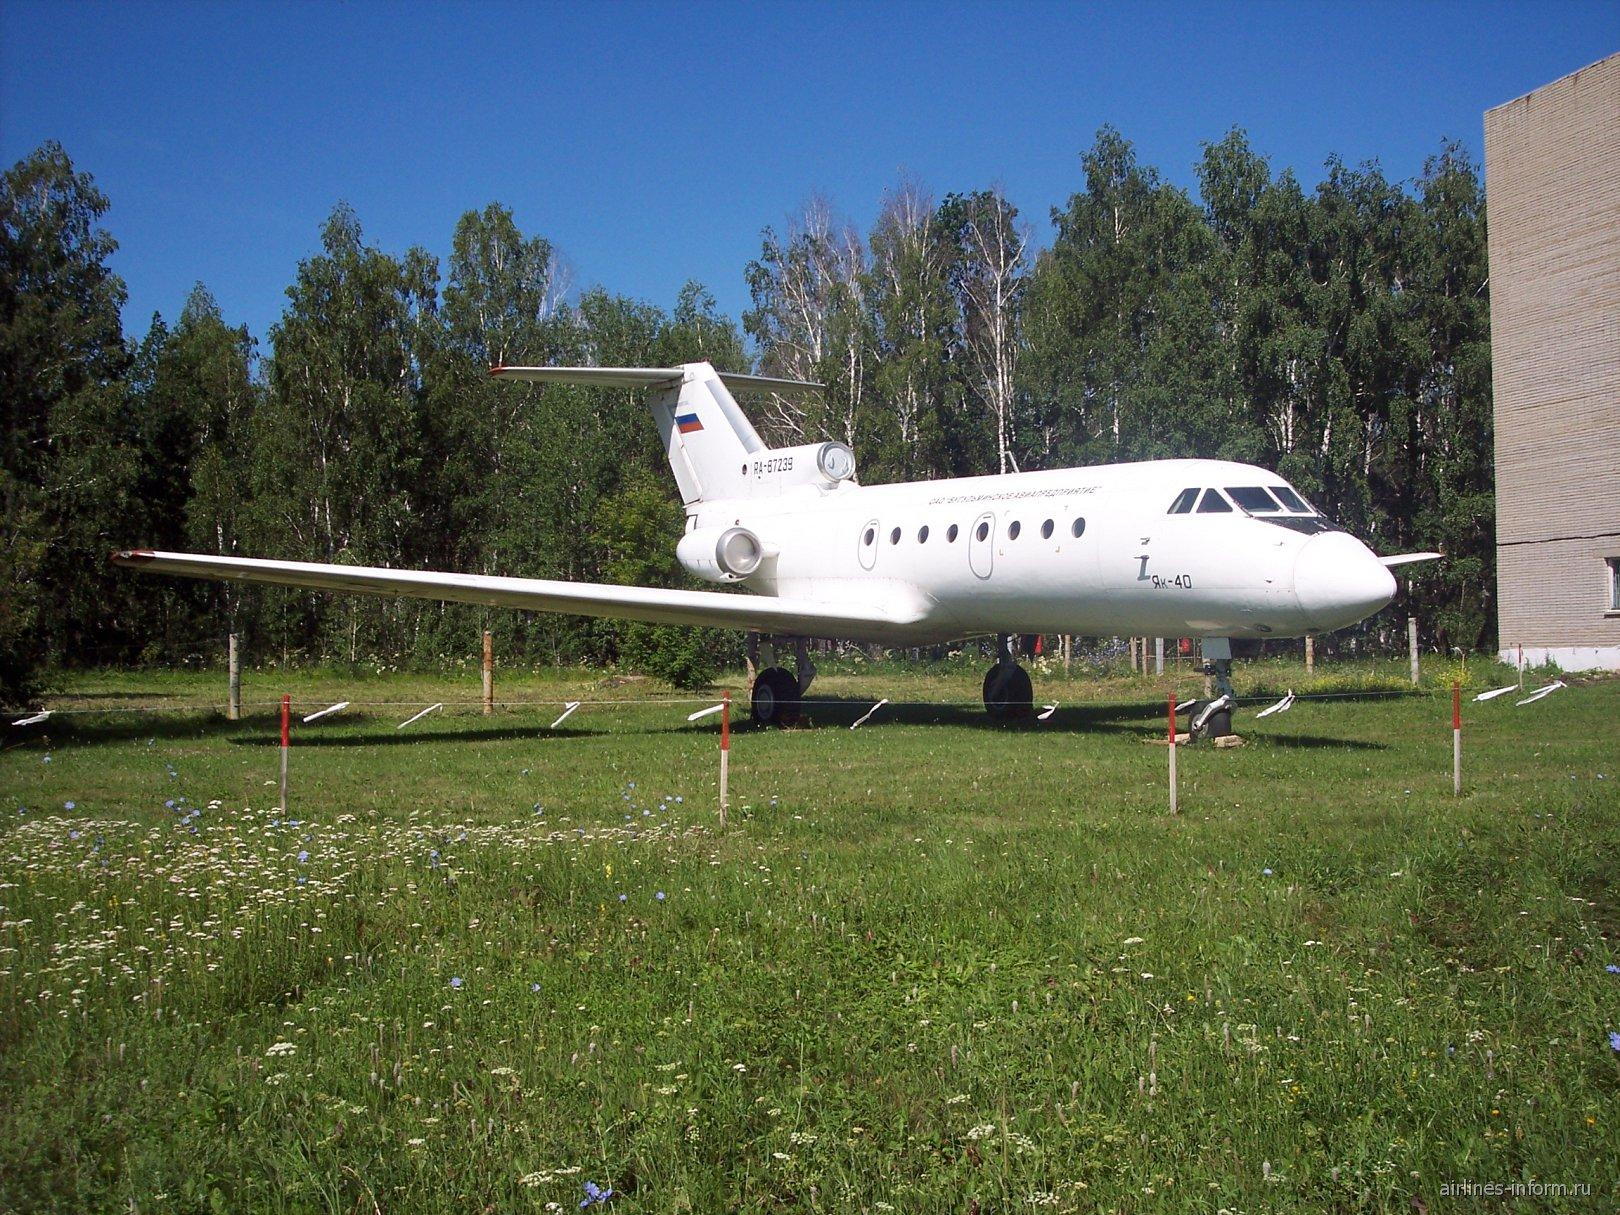 Самолет-памятник Як-40 в аэропорту Бугульма